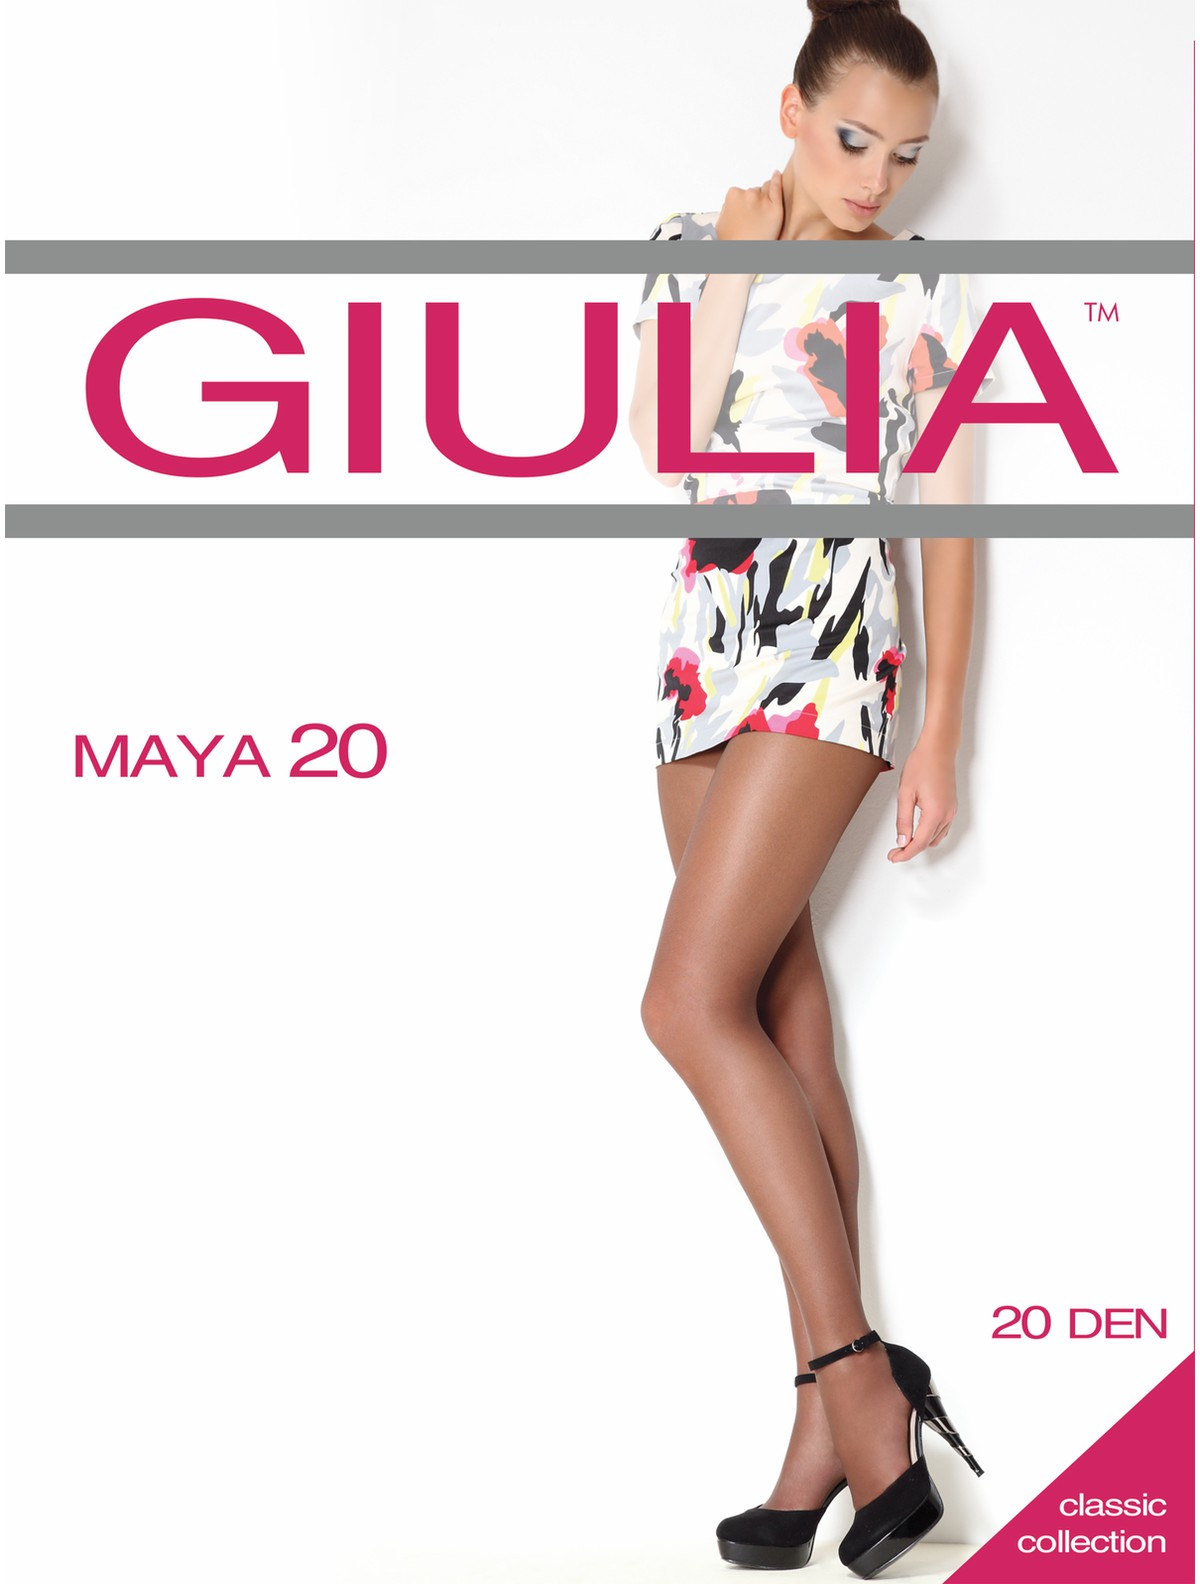 Giulia-12